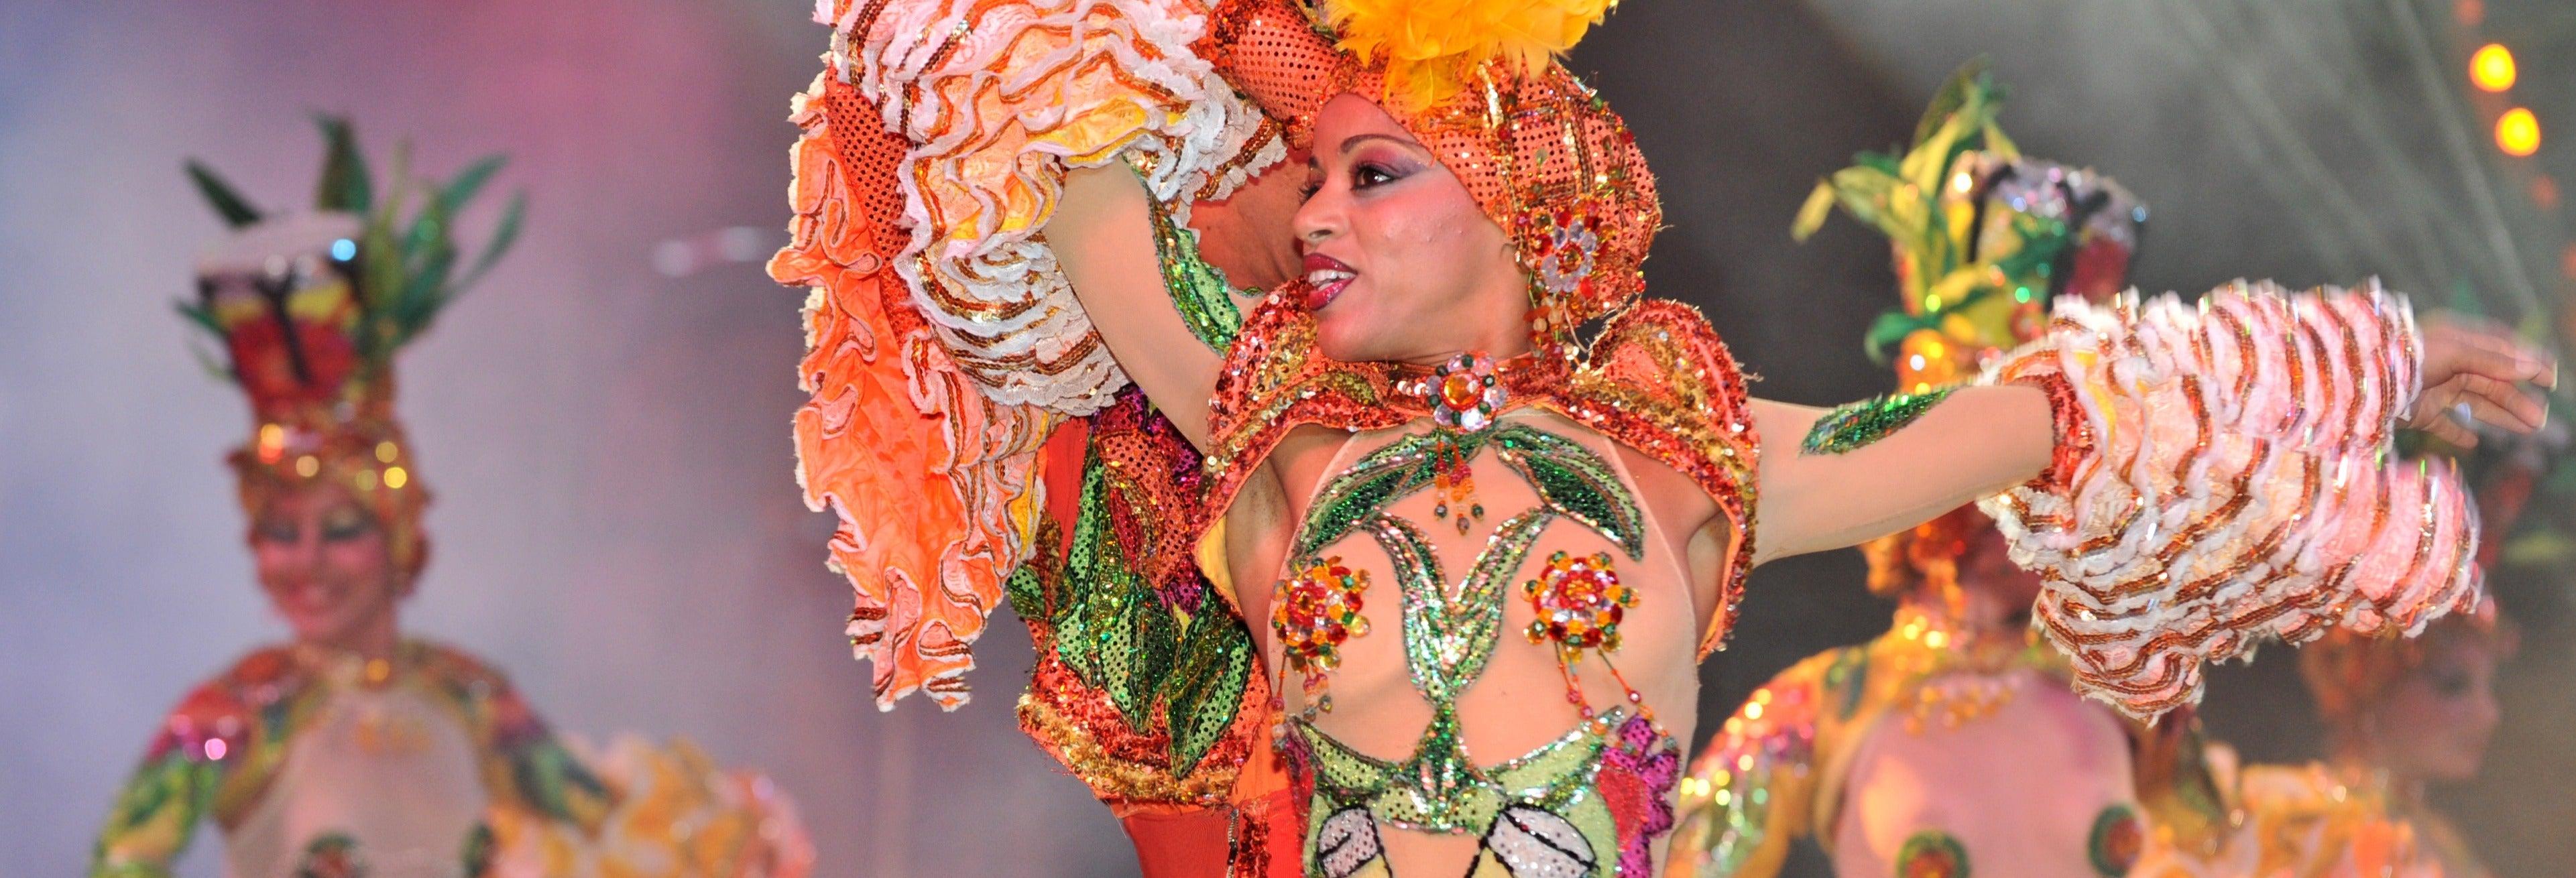 Biglietti per il Cabaret Tropicana